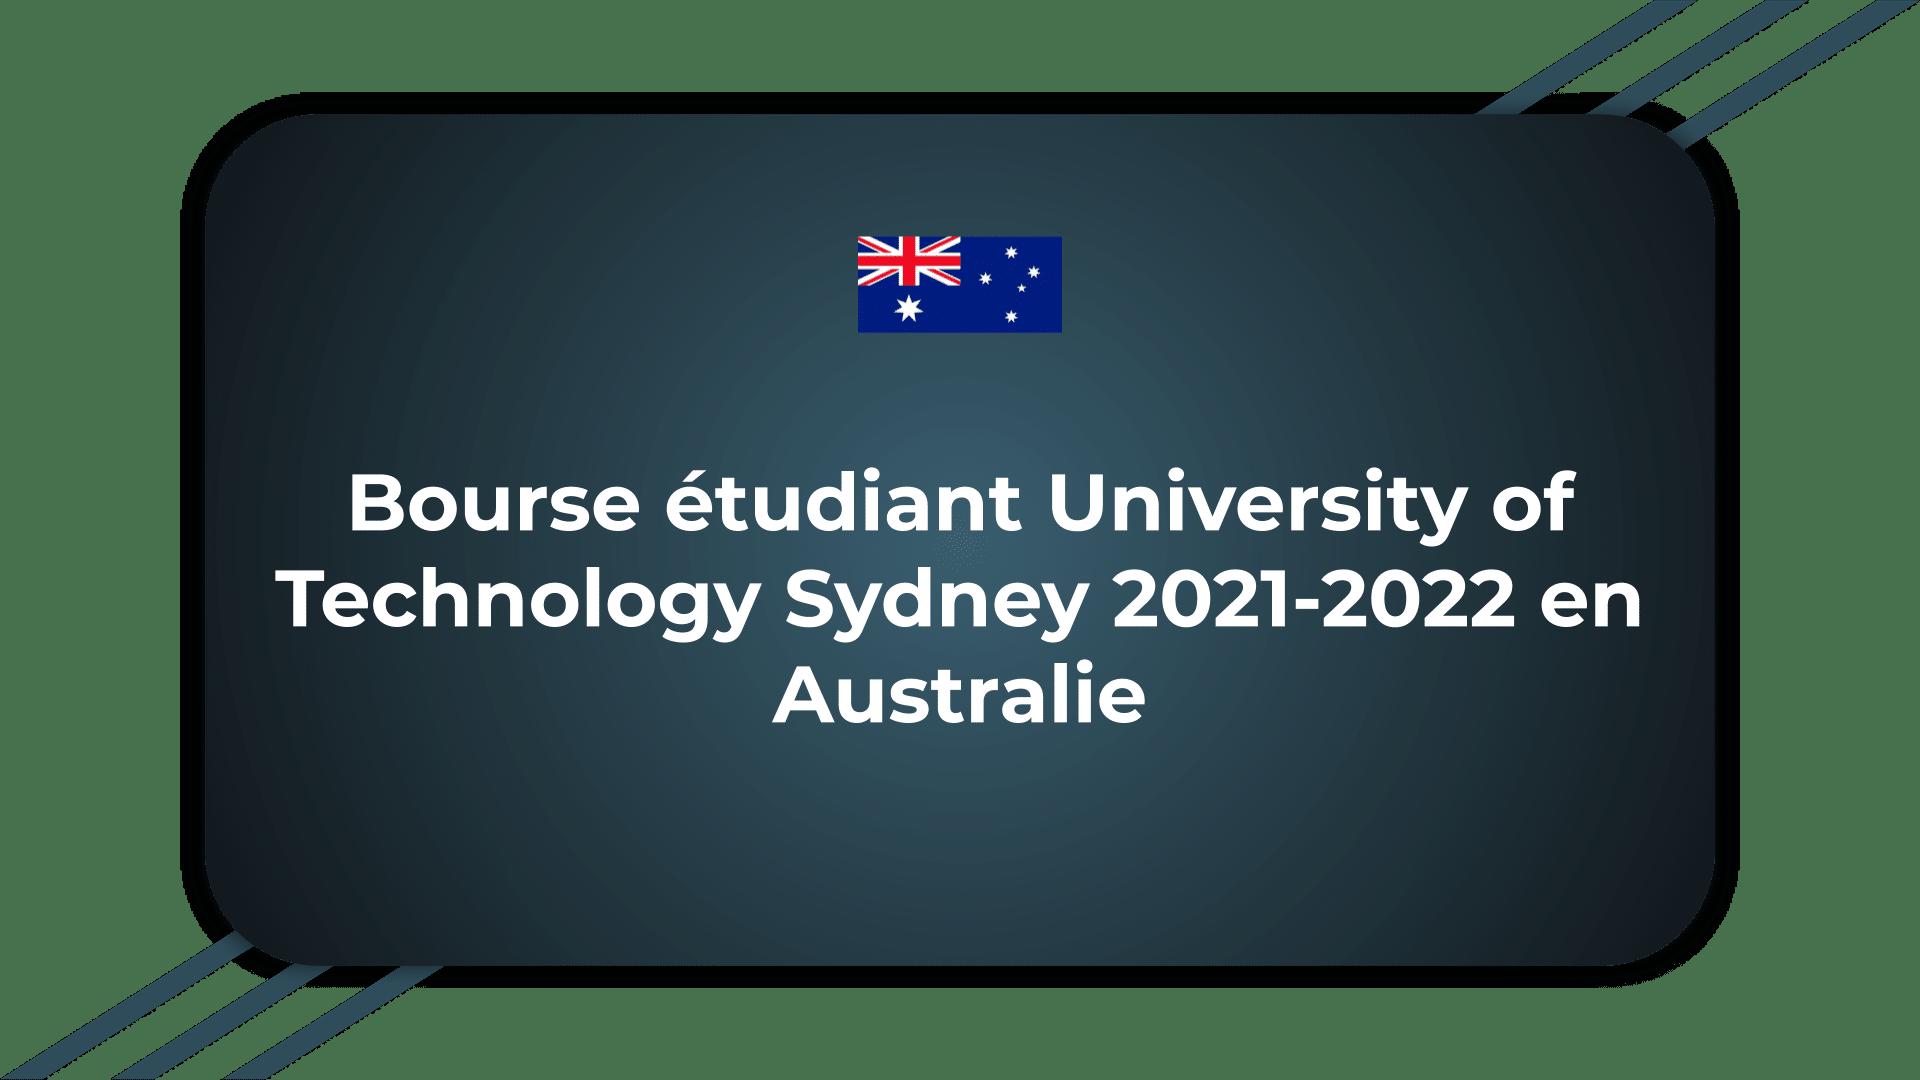 Bourse étudiant University of Technology Sydney